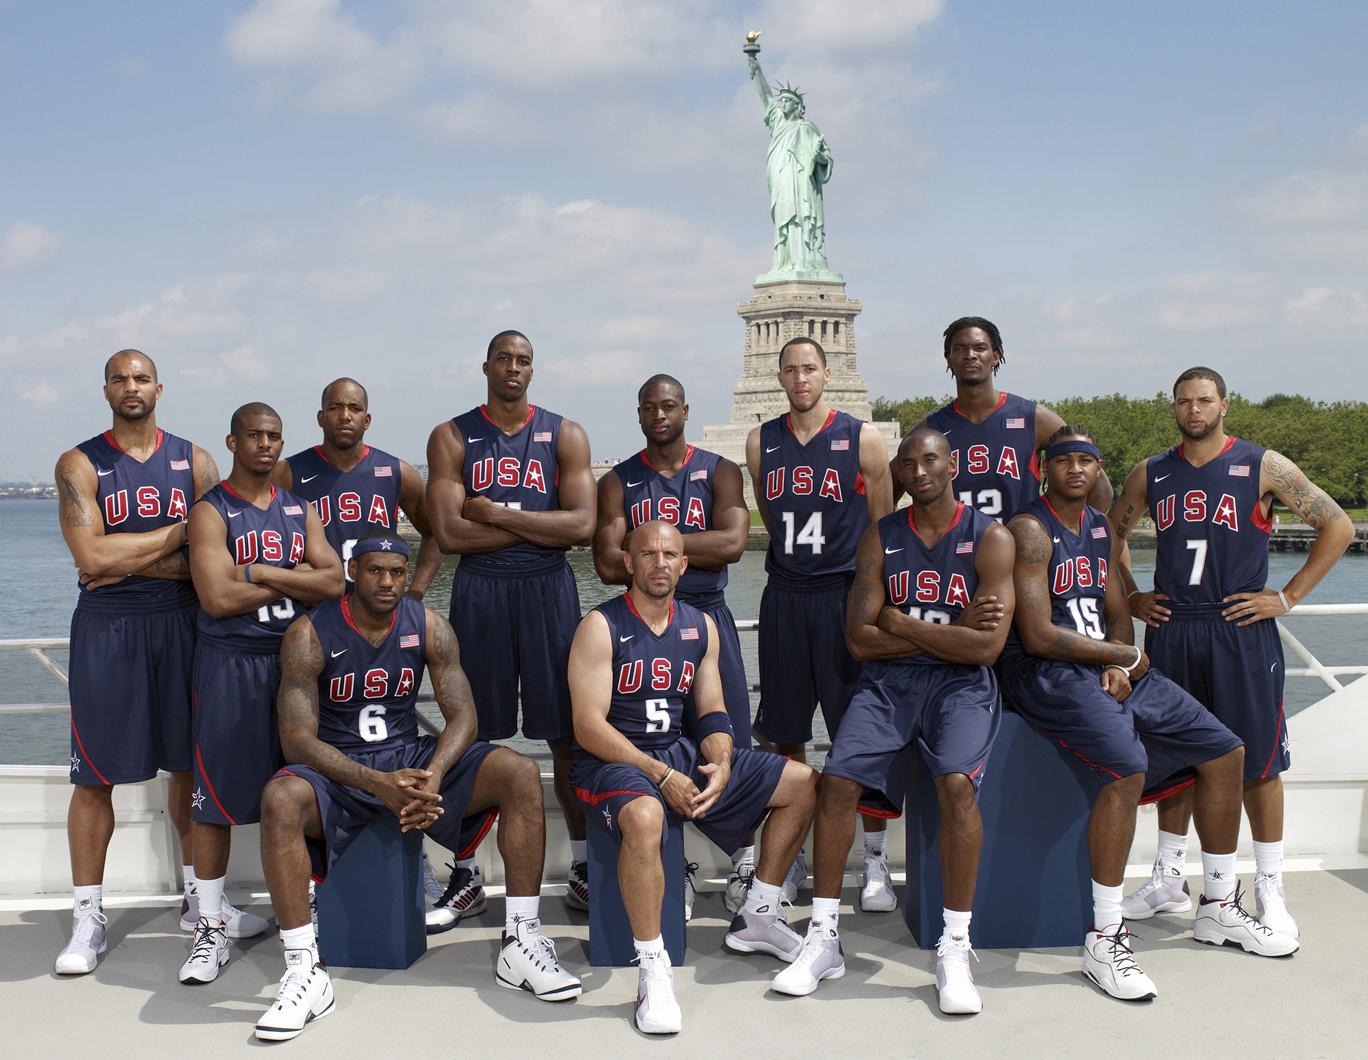 usabasketballteam2008.jpg